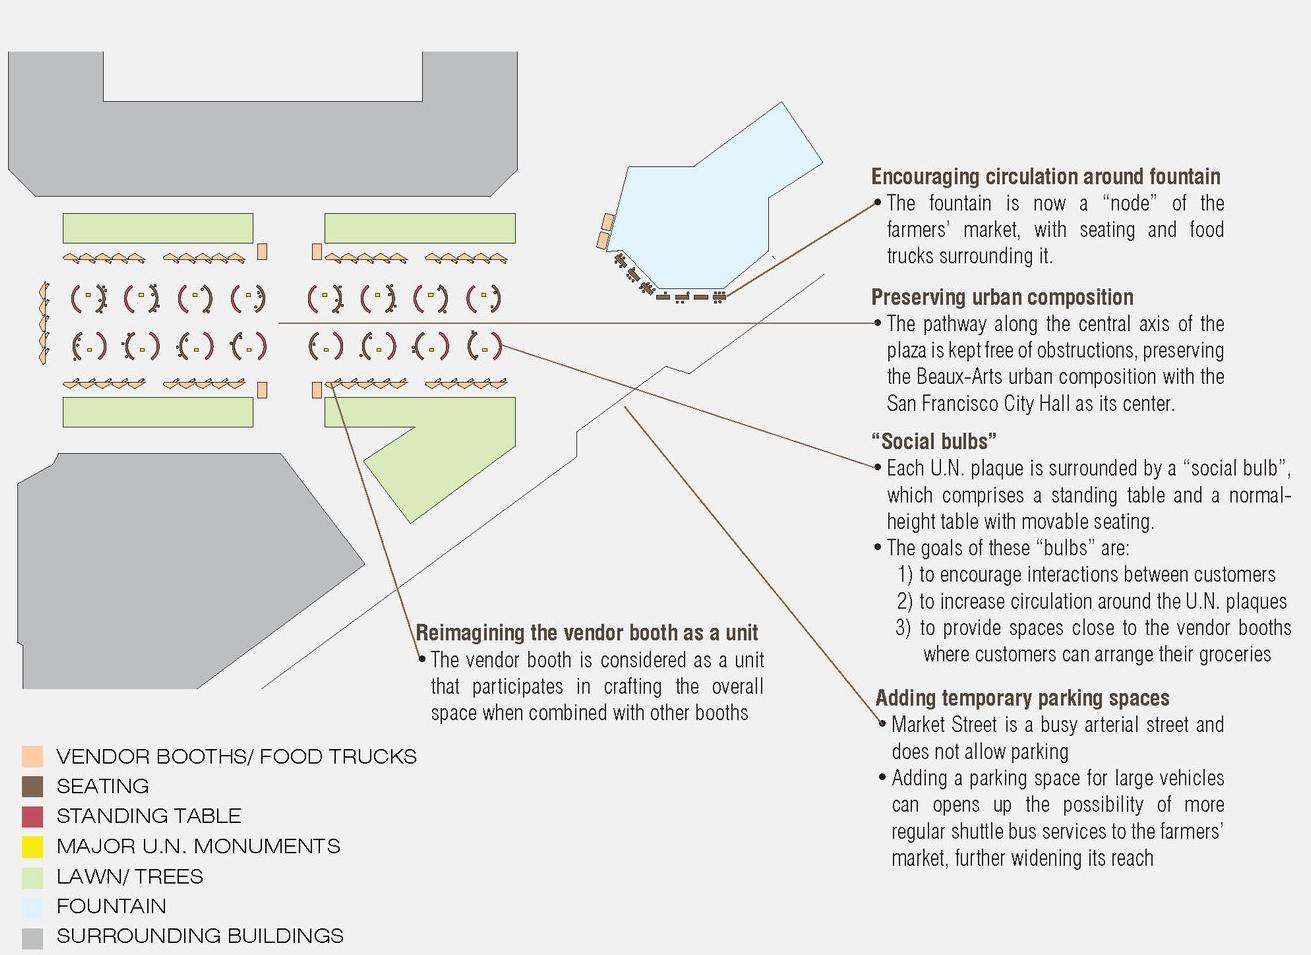 Floor plan of redesign